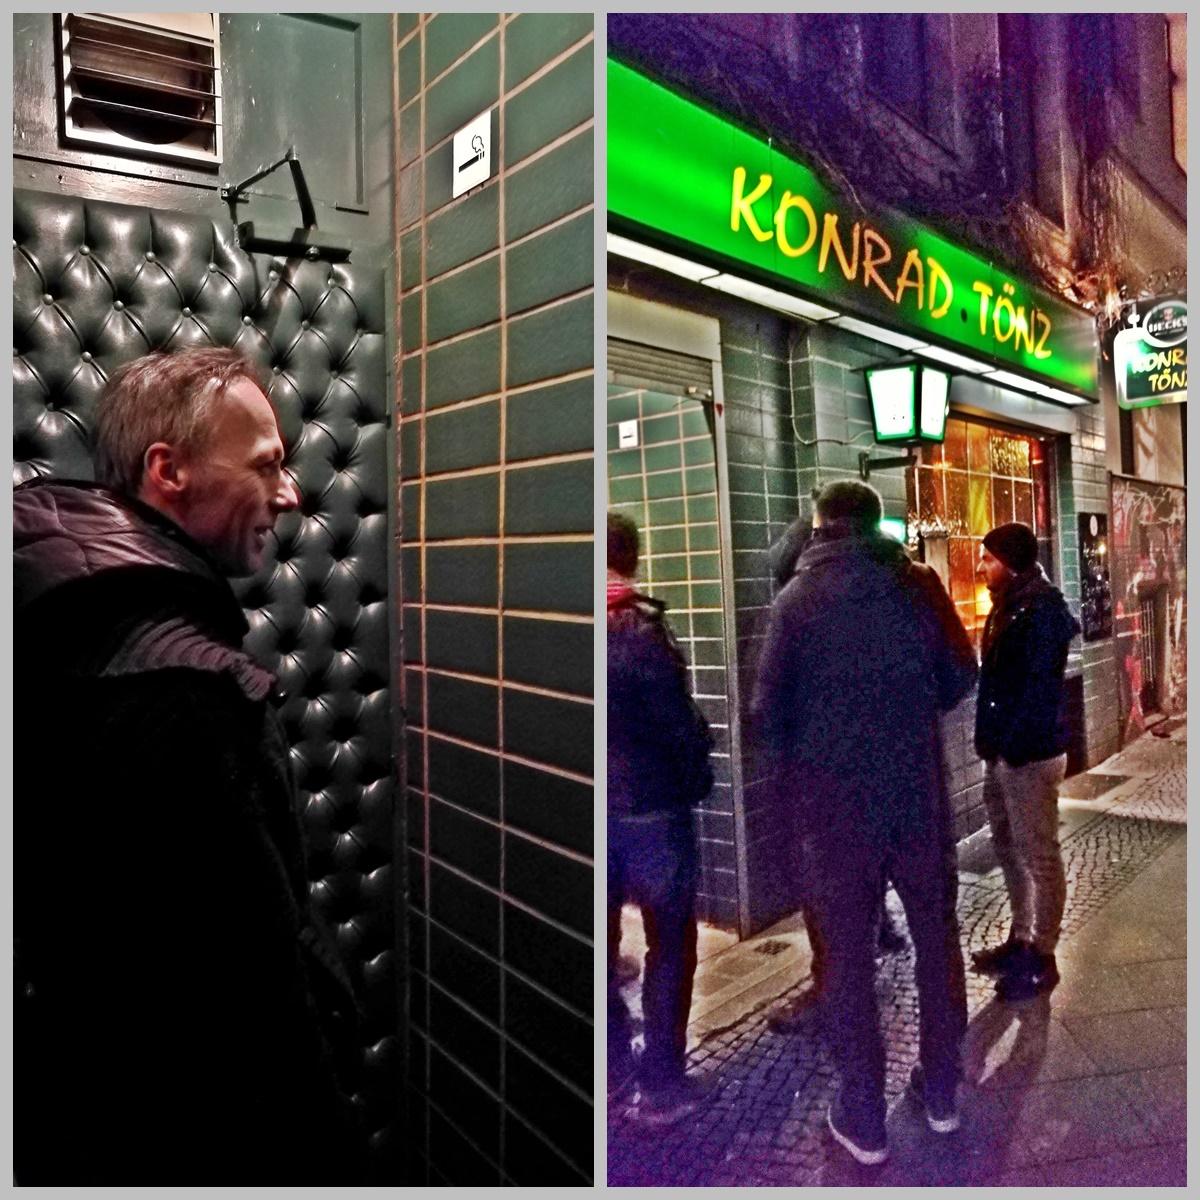 Berlini Kocsmatúra - Konrad Tönz bejárat - Kocsmaturista